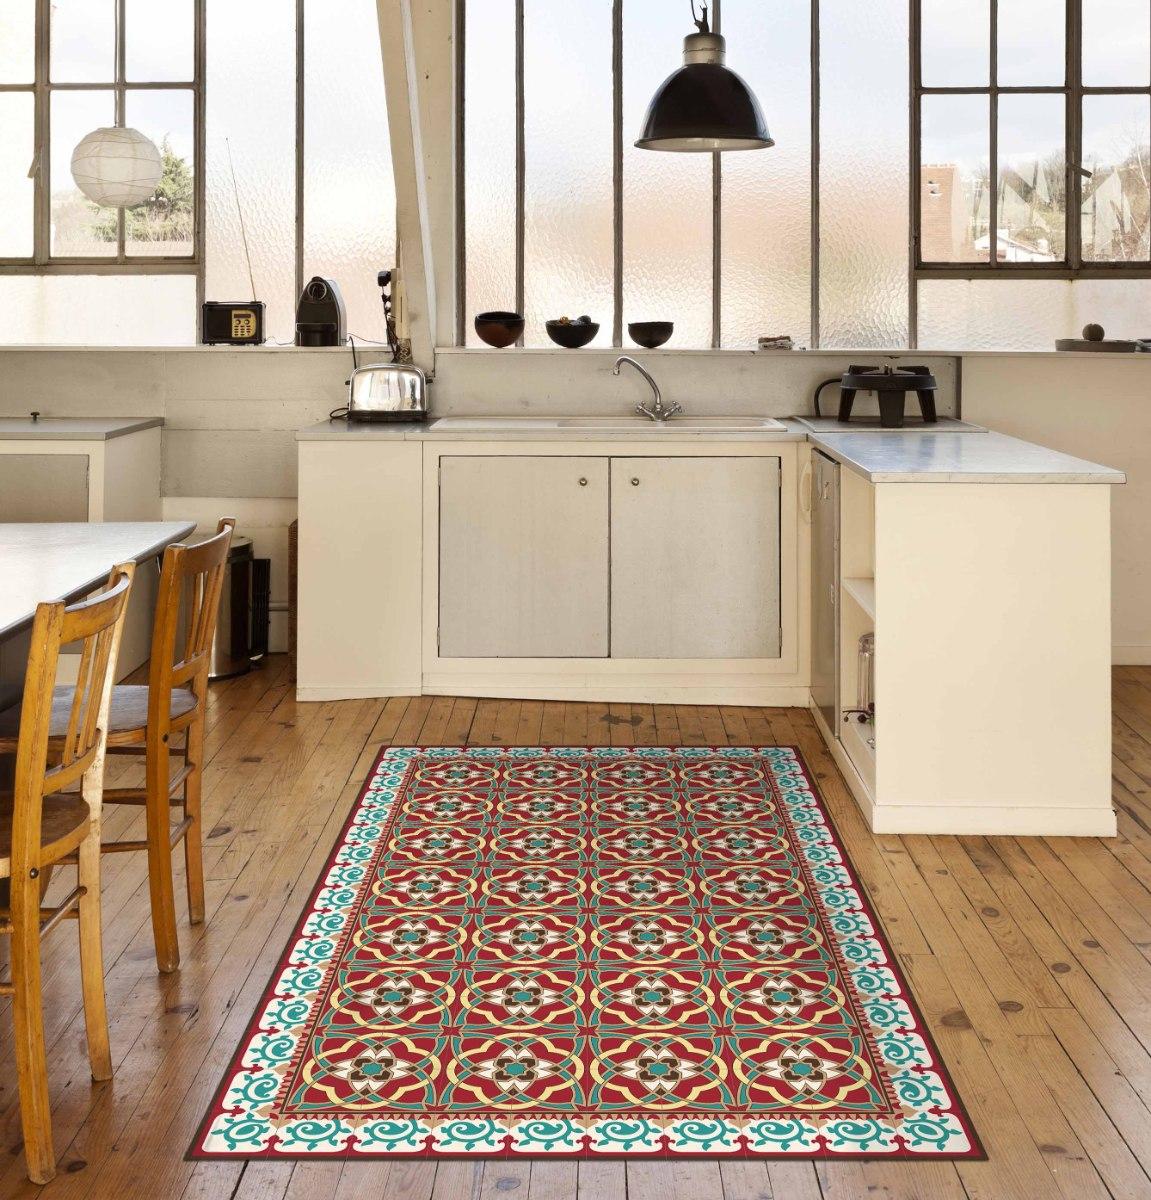 שטיח פי.וי.סי ערבסק אדום TIVA DESIGN קיים בגדלים שונים